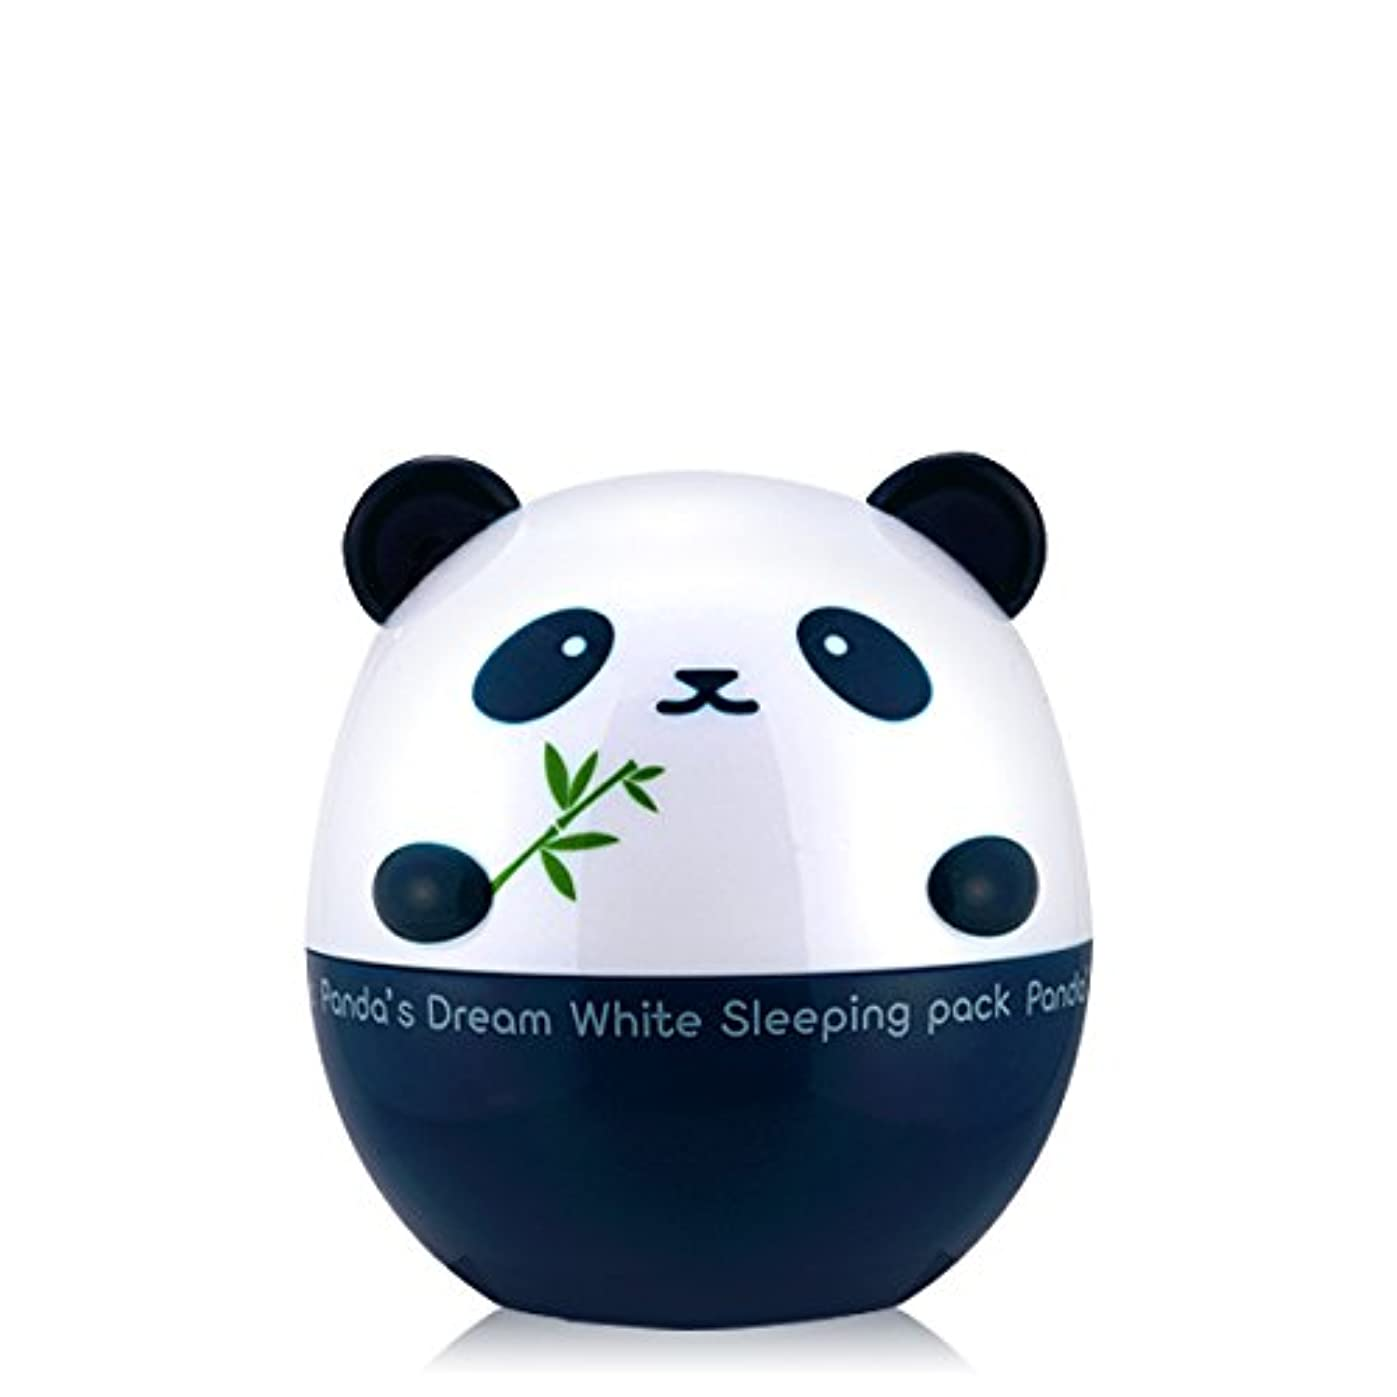 備品おとこ調整する[1+1] TONY MOLY Panda's Dream White Sleeping Pack 50g / トニーモリーパンダーズドリームホワイトスリーピングパック50g / 1.76oz [並行輸入品]